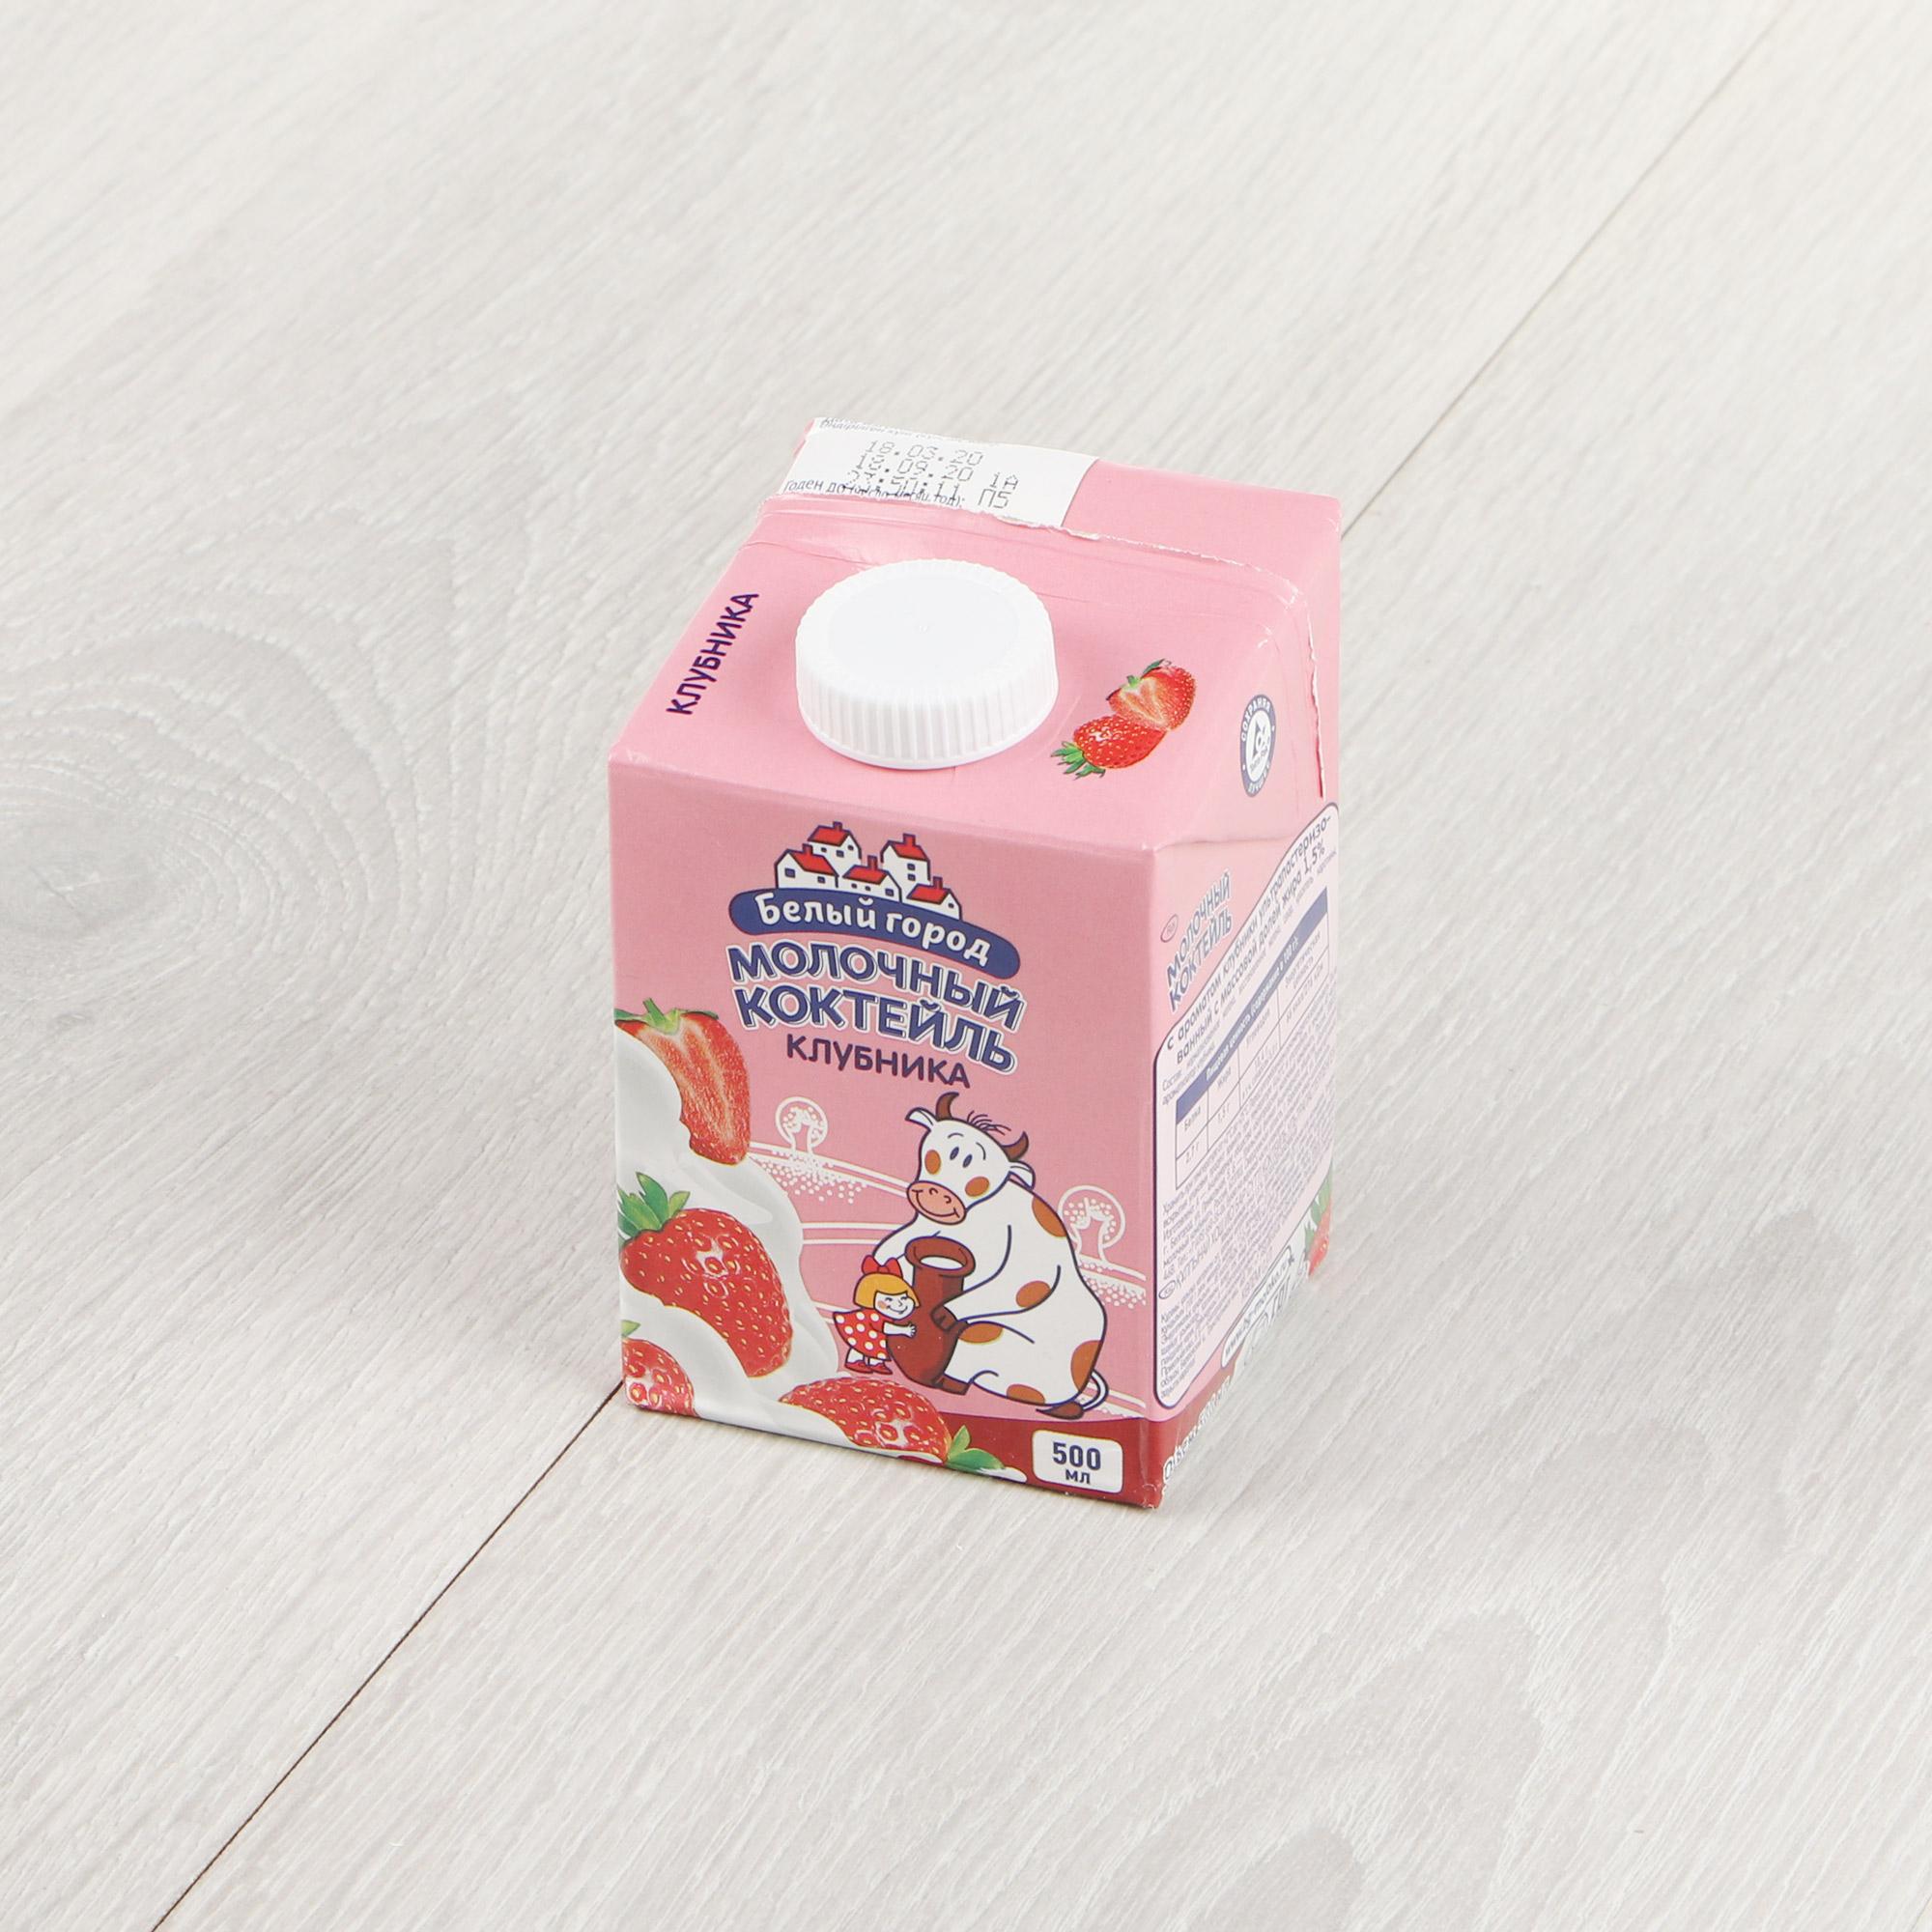 Коктейль Белый город молочный клубника 1,5% 500 мл